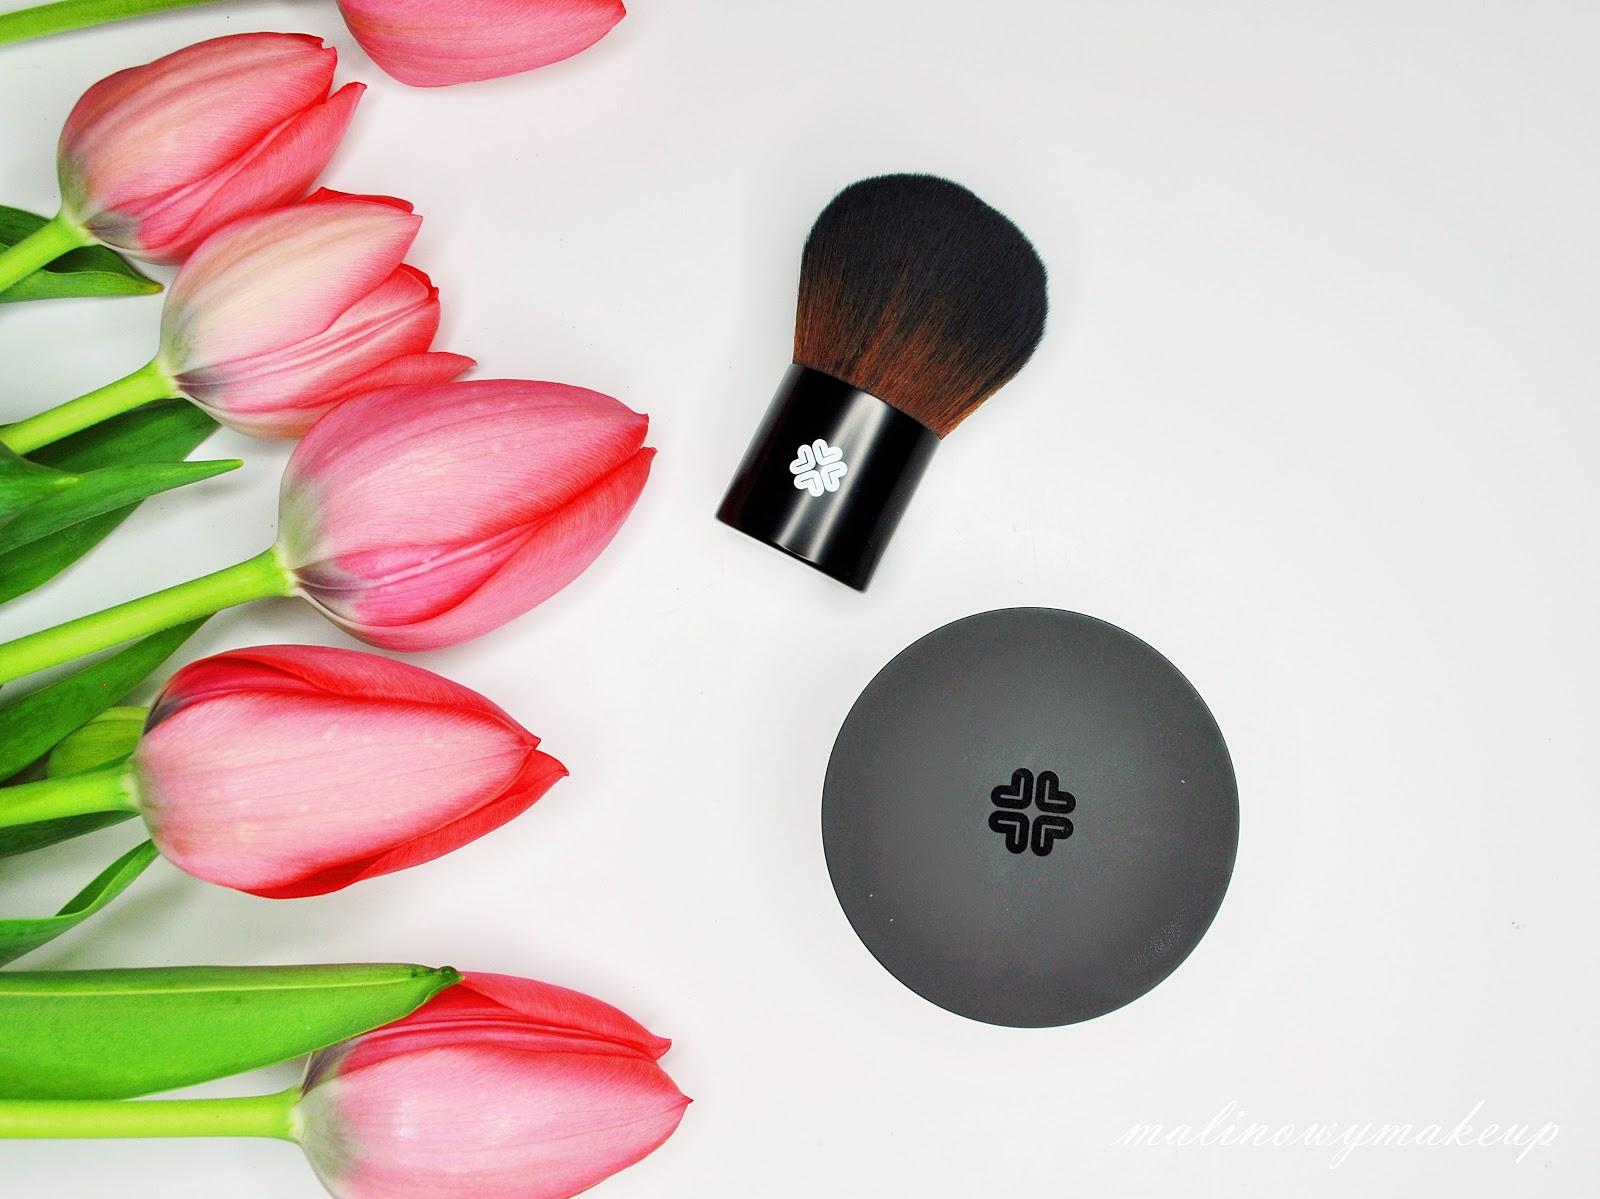 lili lolo china doll swatch podkład mineralny super kabuki recenzja pędzel